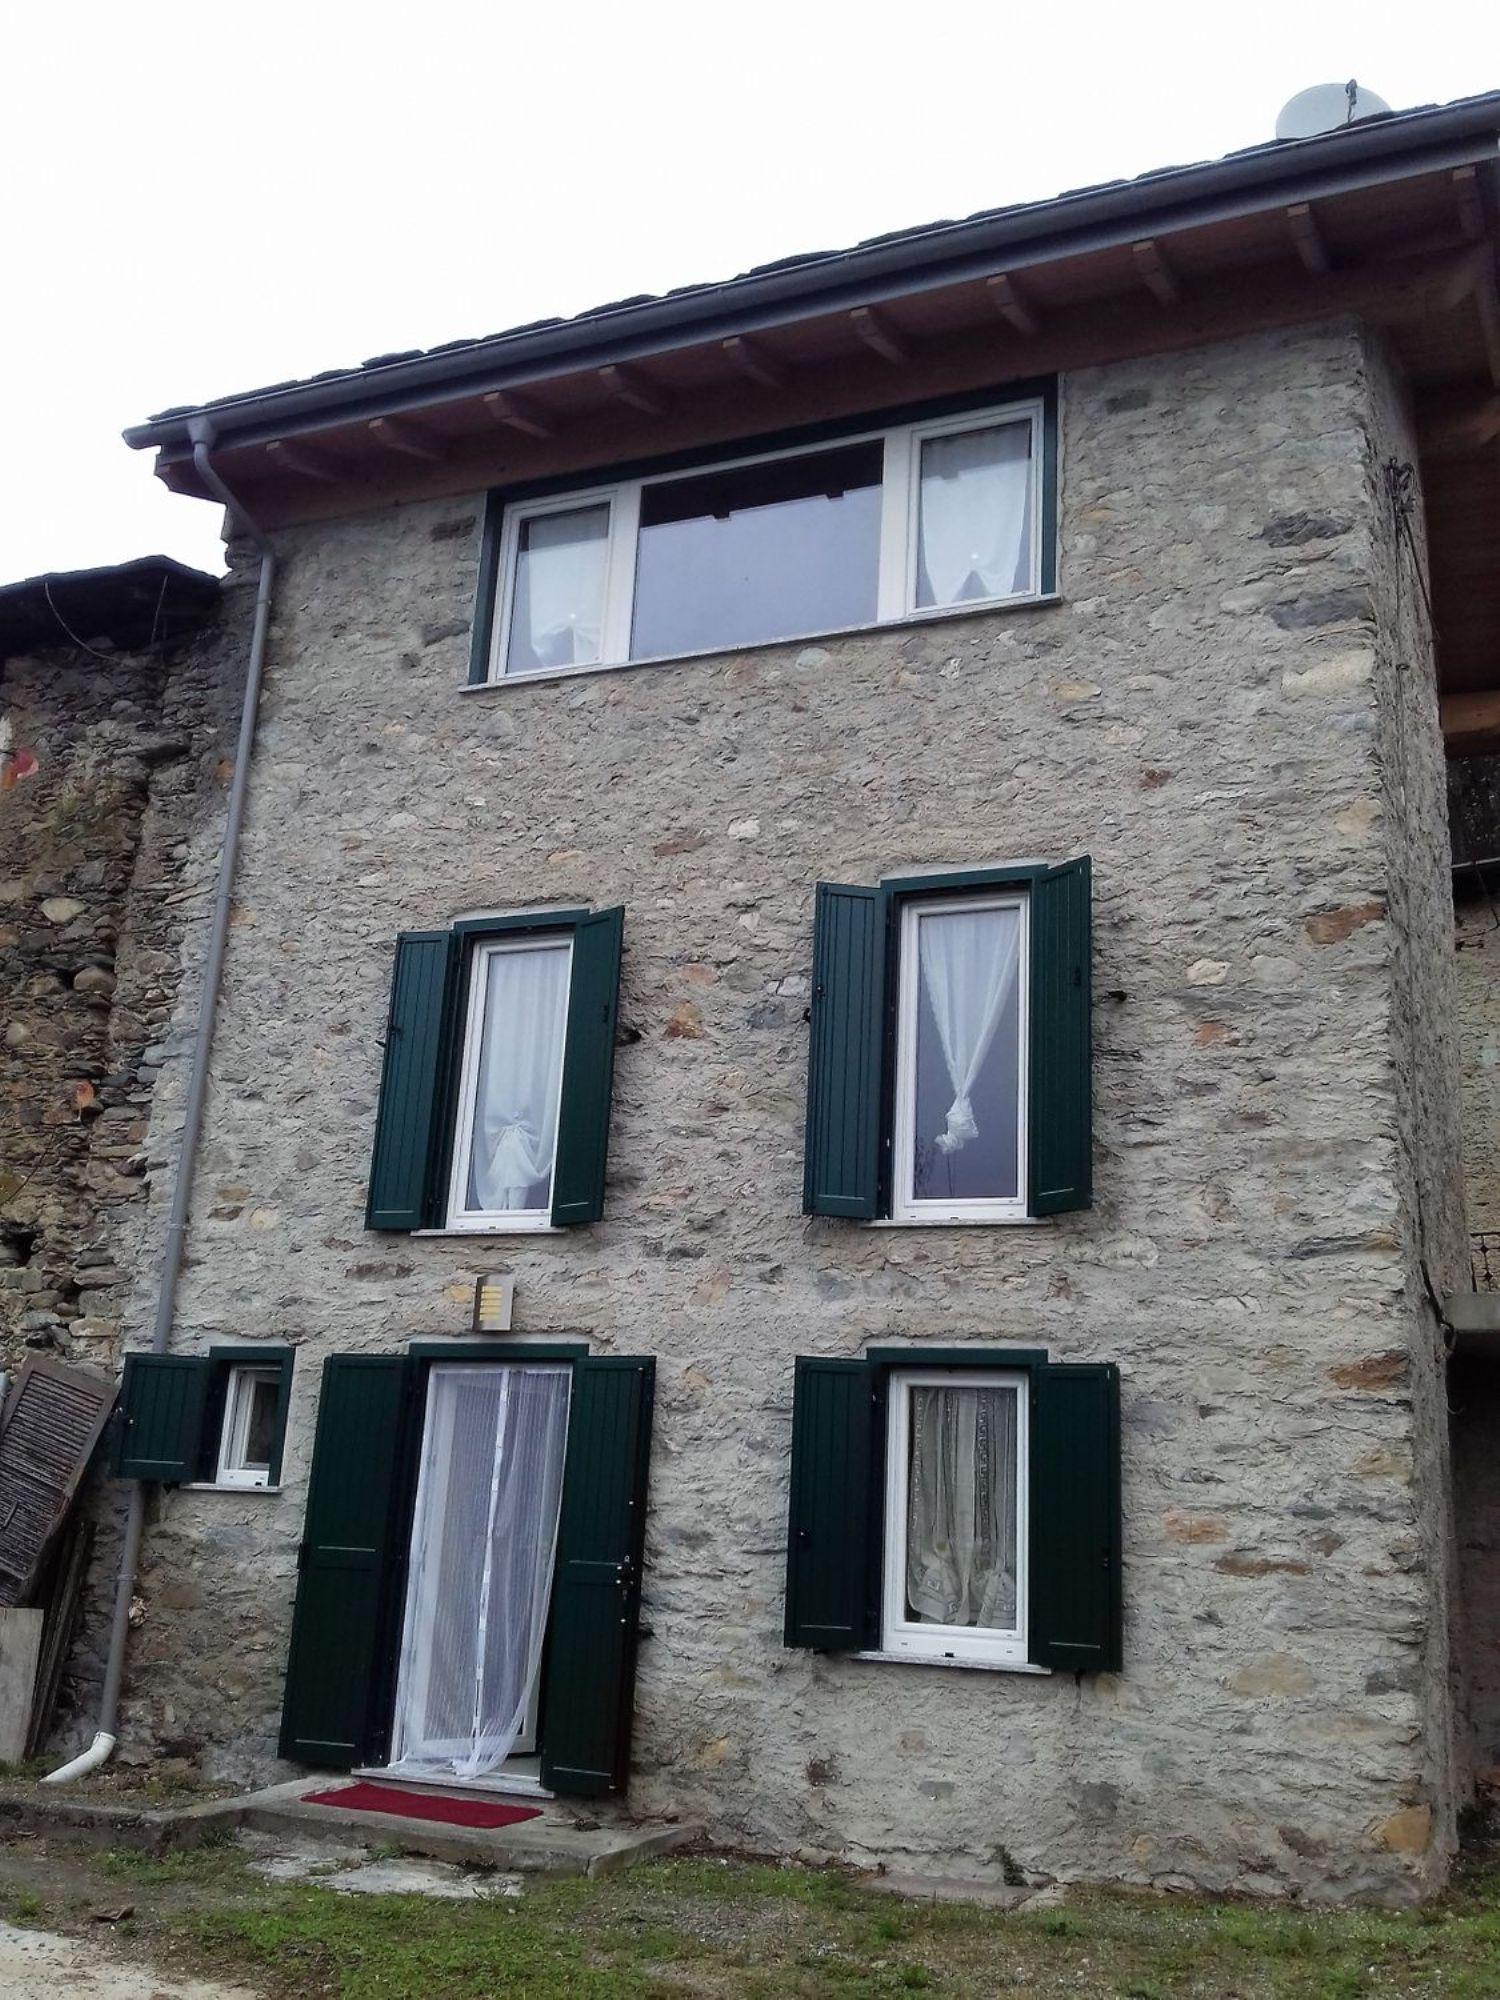 Villa Bifamiliare in vendita a Castione Andevenno, 3 locali, prezzo € 90.000 | CambioCasa.it